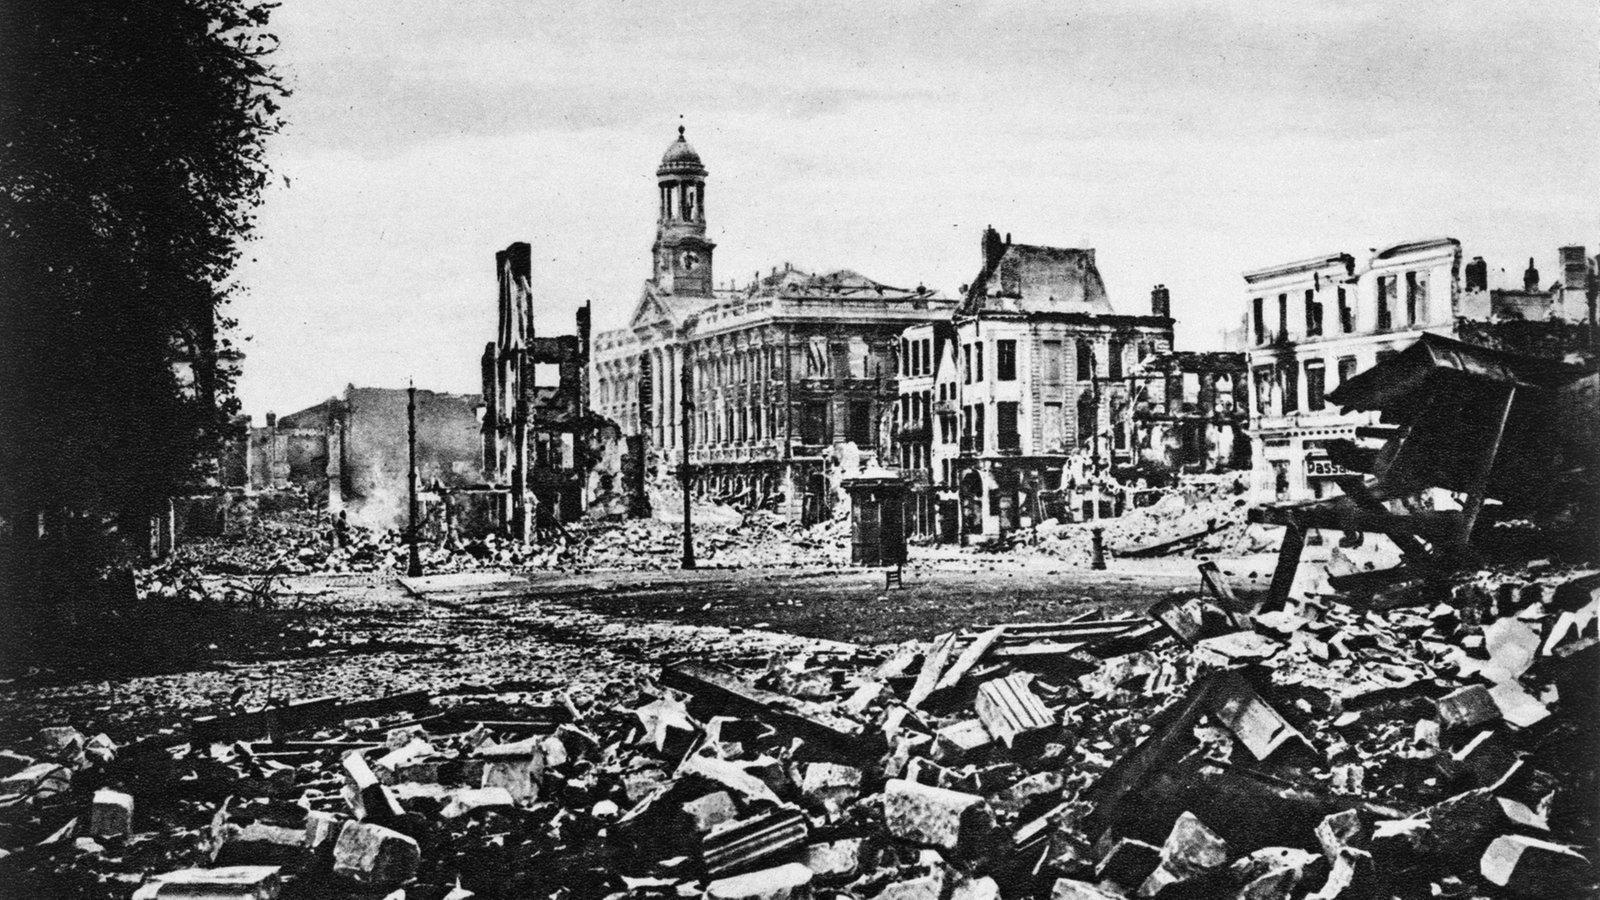 Arbeitsblatt Verlauf Erster Weltkrieg : Erster weltkrieg verlauf bis deutsche